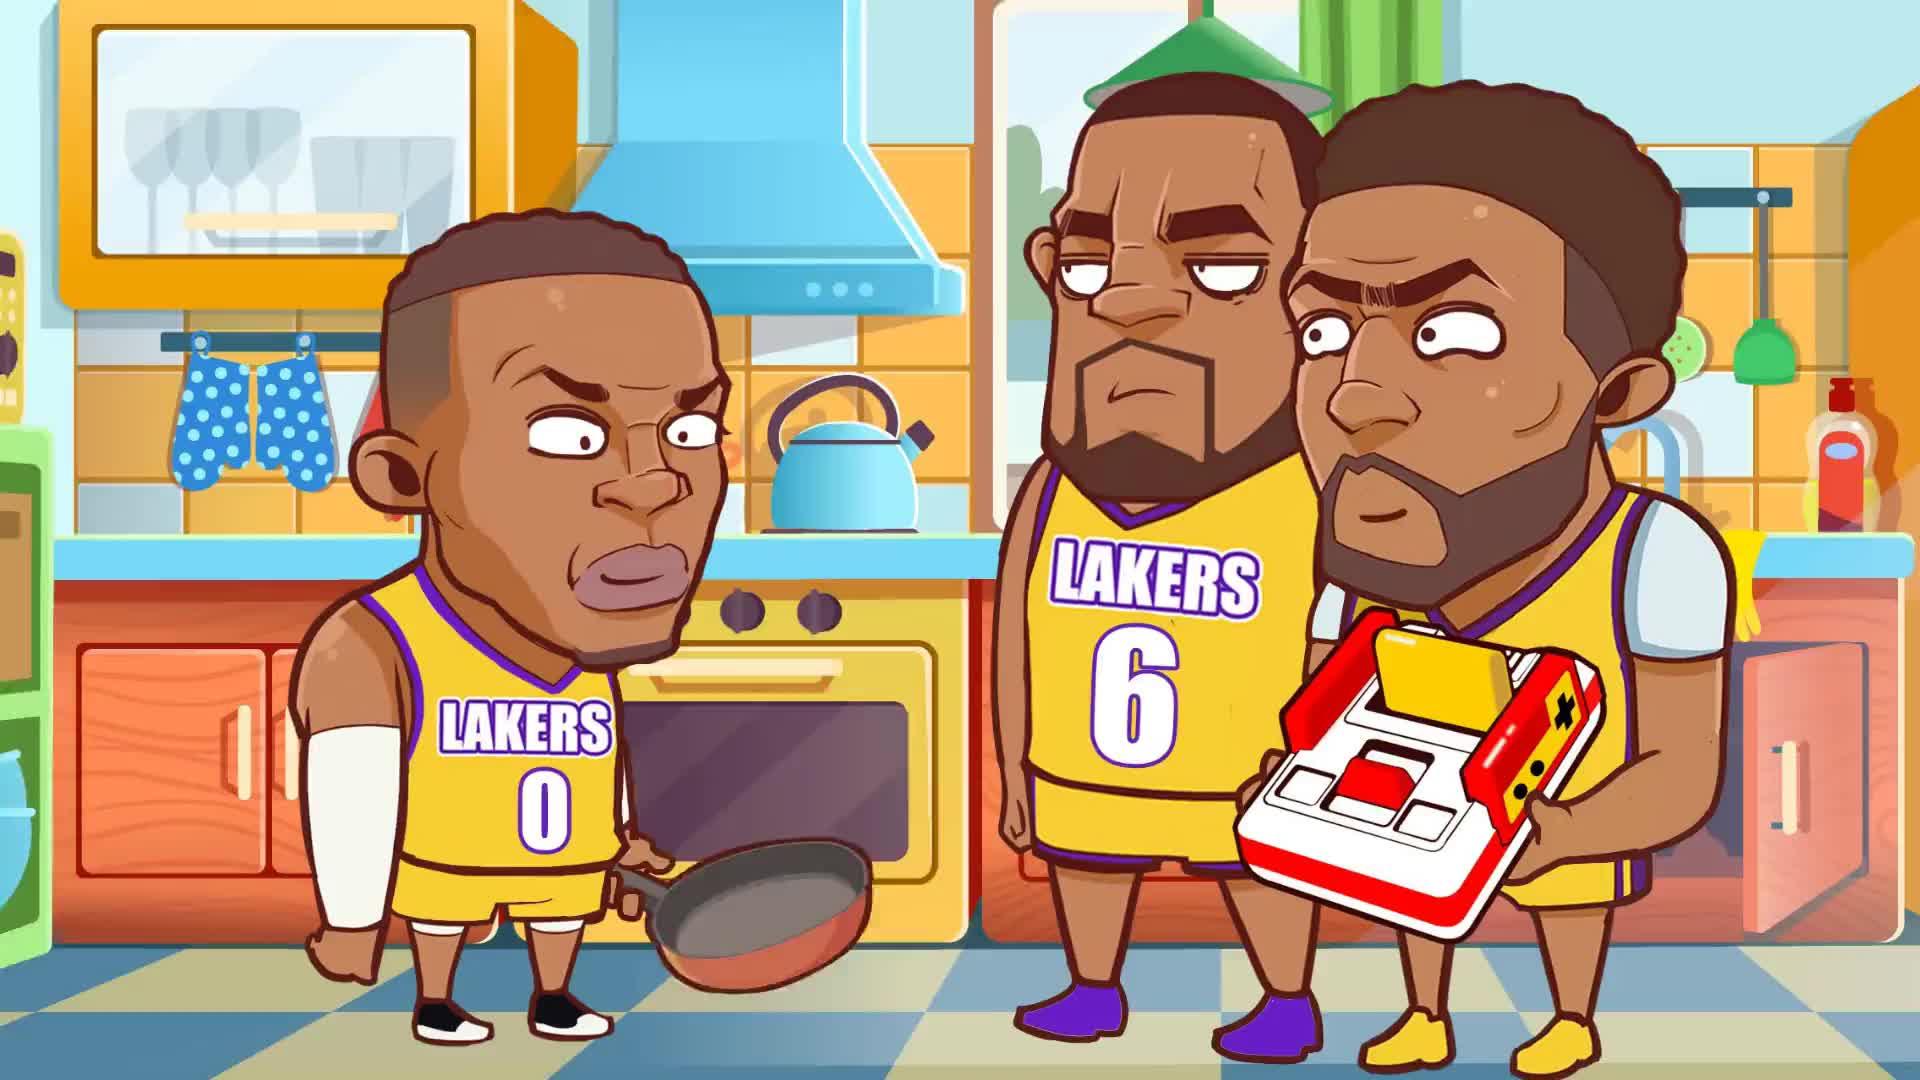 绘说篮球:都来排队给威少道歉